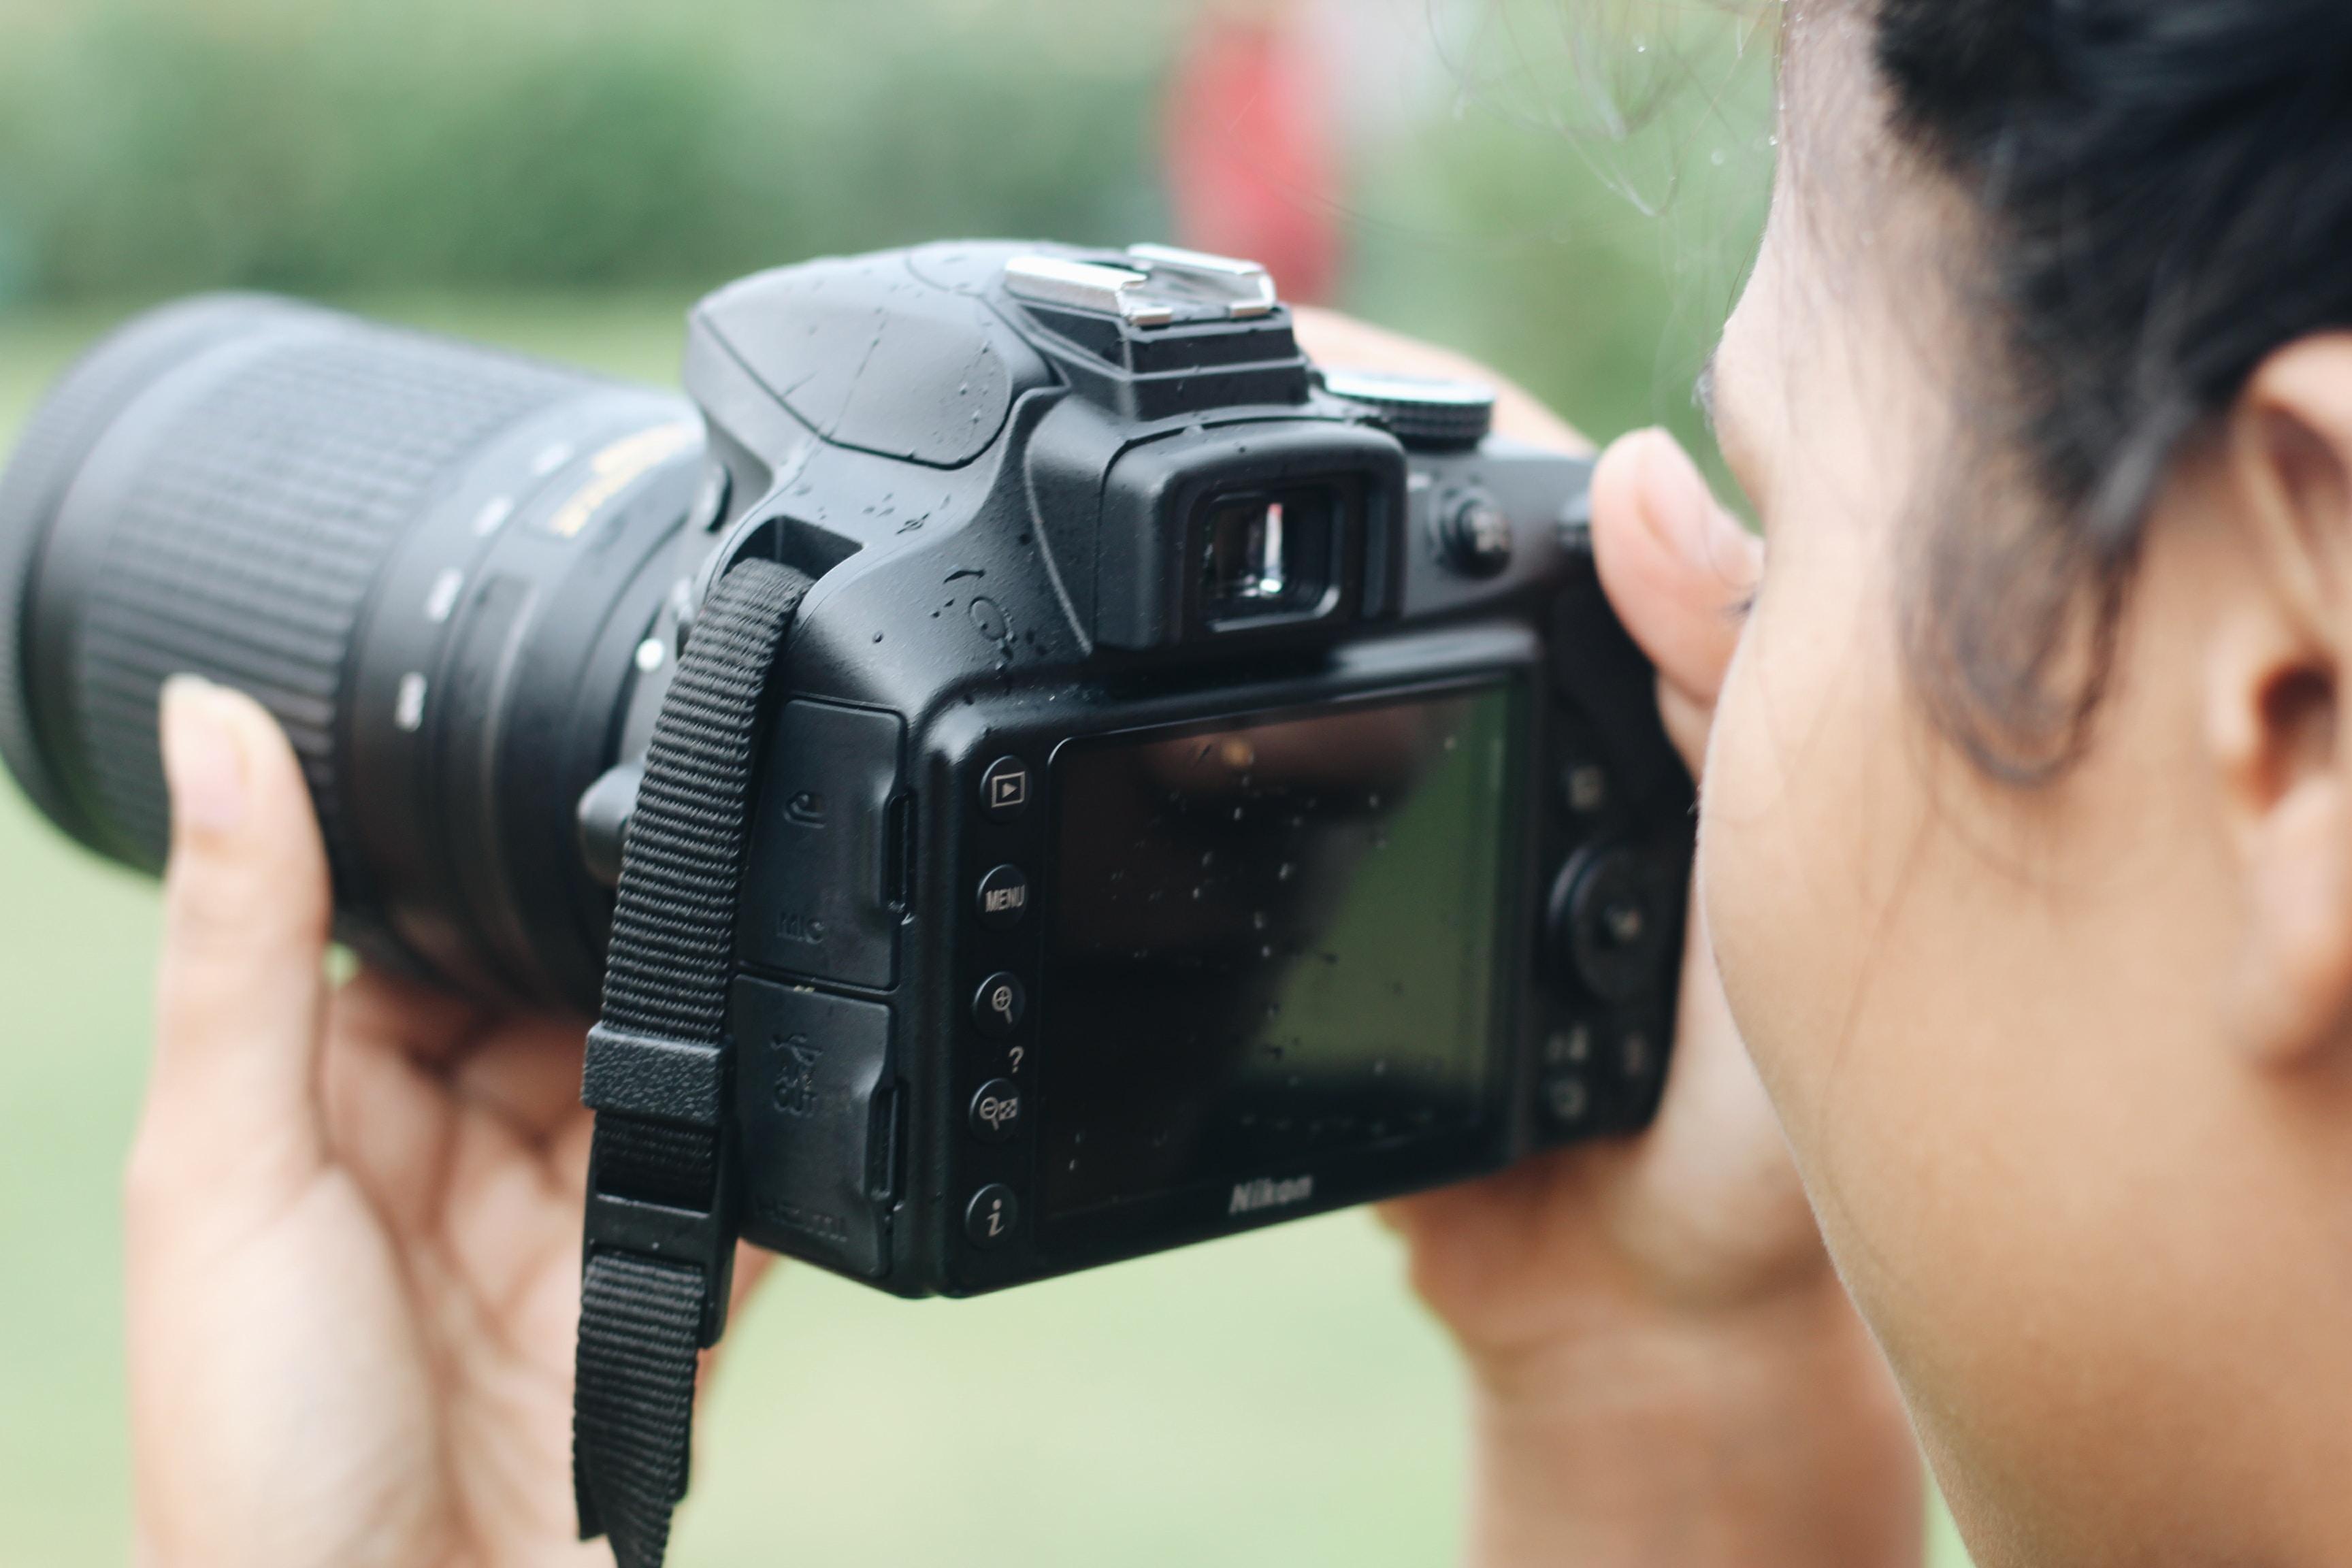 woman taking photos using Nikon DSLR camera during daytime